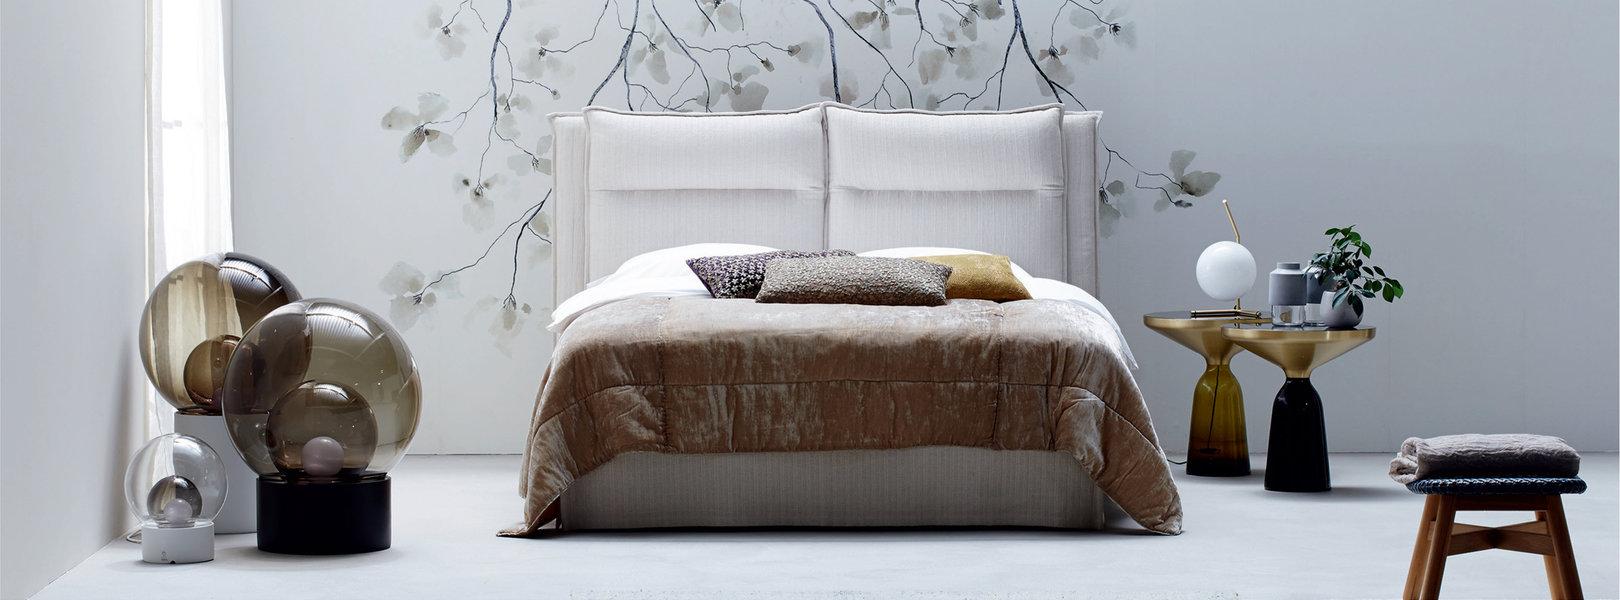 Full Size of Schramm Betten Hersteller Des Monats September Außergewöhnliche Oschmann Ebay Japanische Wohnwert 120x200 Massivholz Mädchen Schlafzimmer Billige 180x200 Bett Schramm Betten